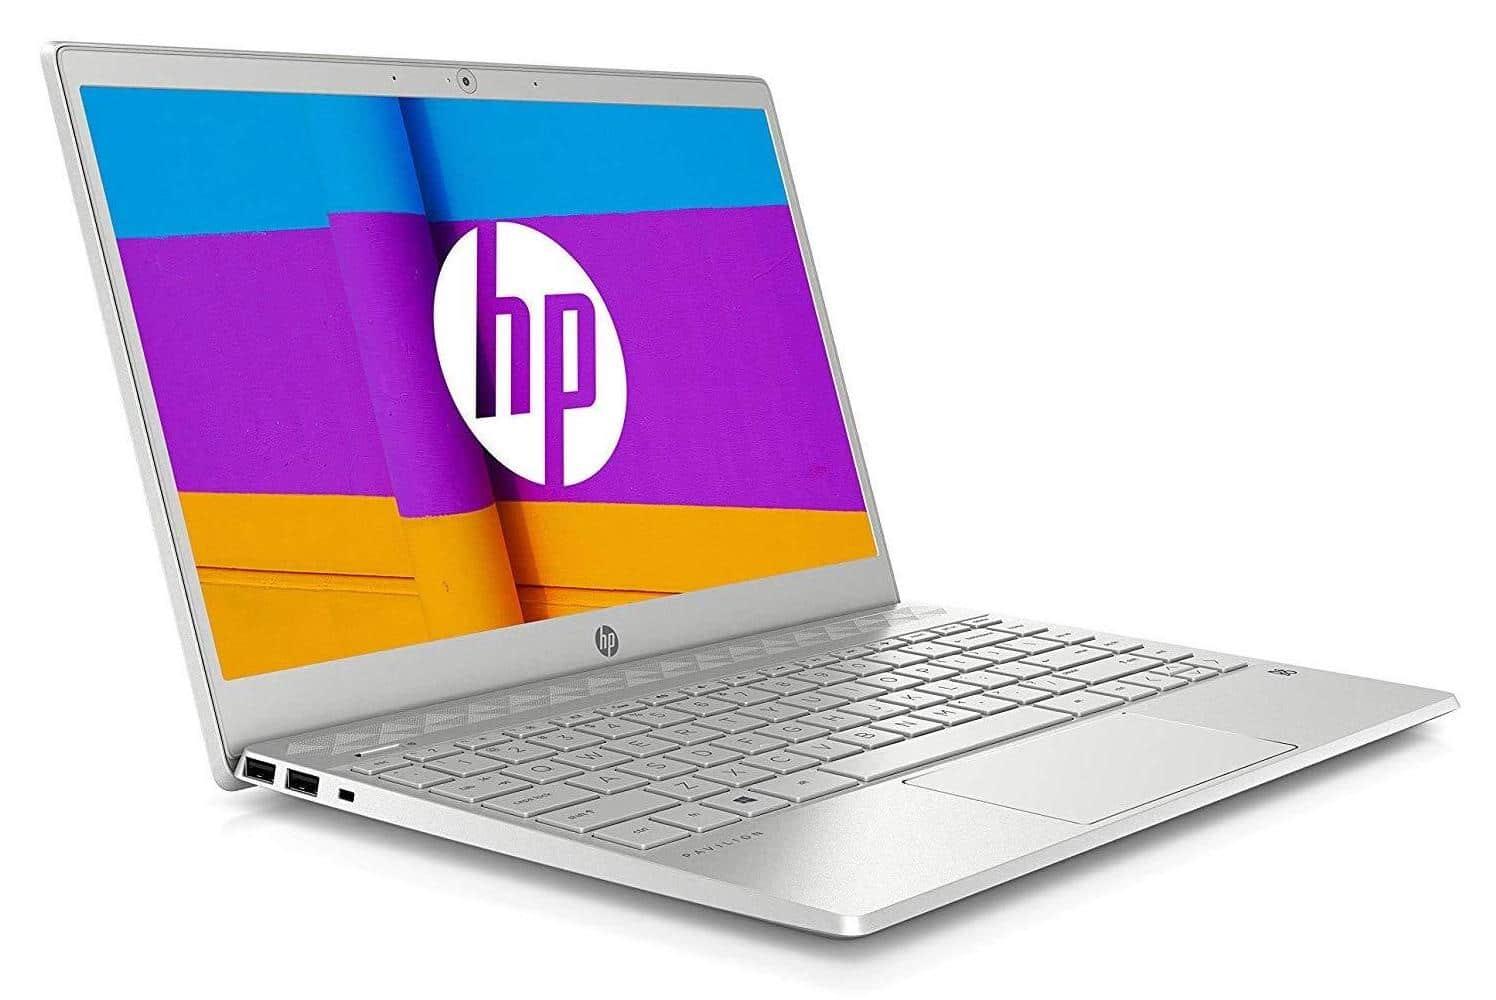 """HP Pavilion 13-an0047nf, ultrabook 13"""" léger et rapide (599€)"""